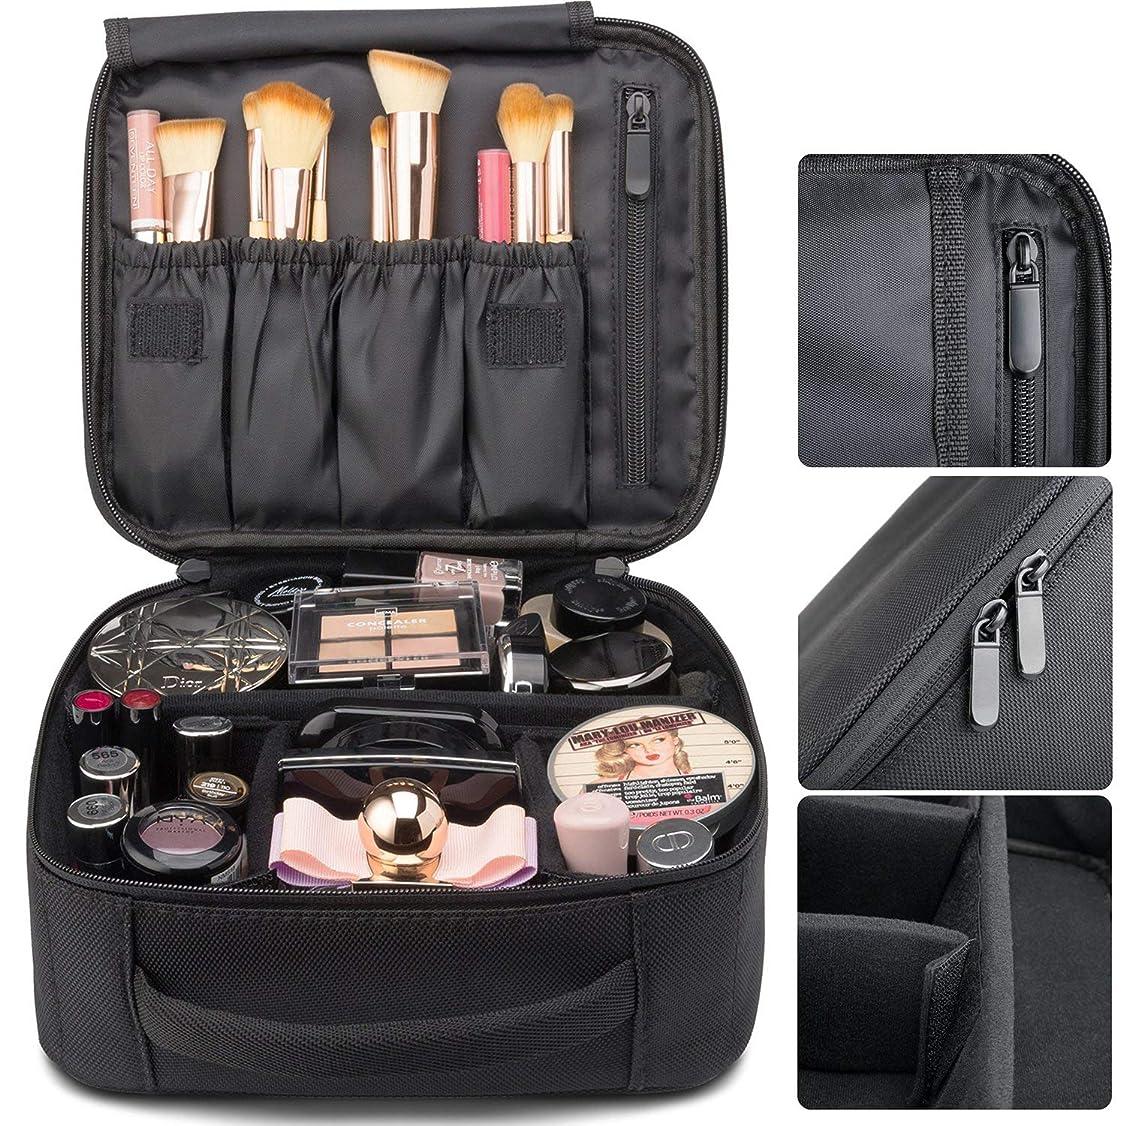 一節相談数学的な(スーパープラス)プロ用 メイクボックス 高品質 多機能 多容量 メイクブラシバッグ 収納ケース スーツケース?トラベルバッグ 化粧 バッグ メイクブラシ 化粧道具 小物入れ